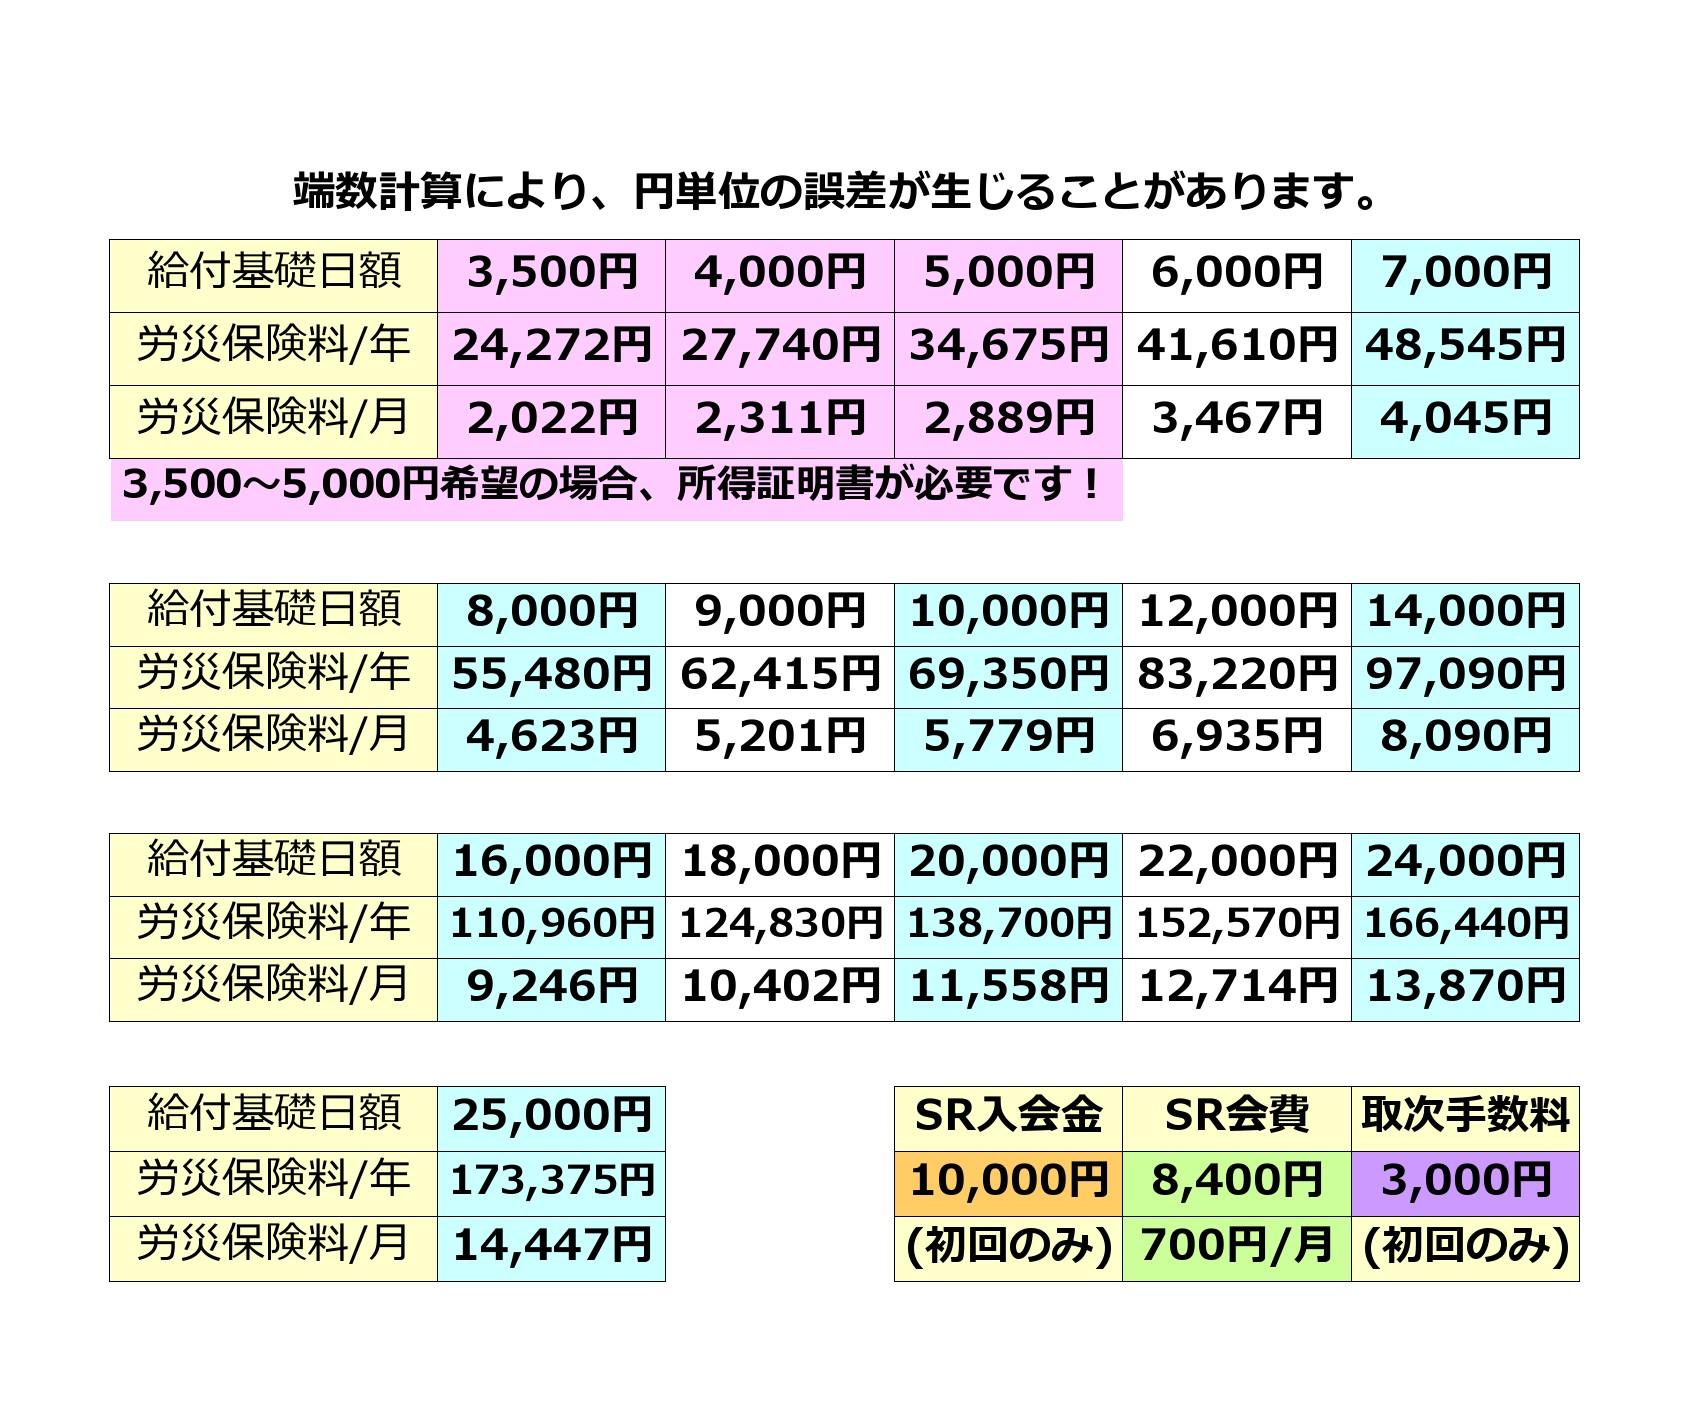 労災保険料・SR協会入会金&会費